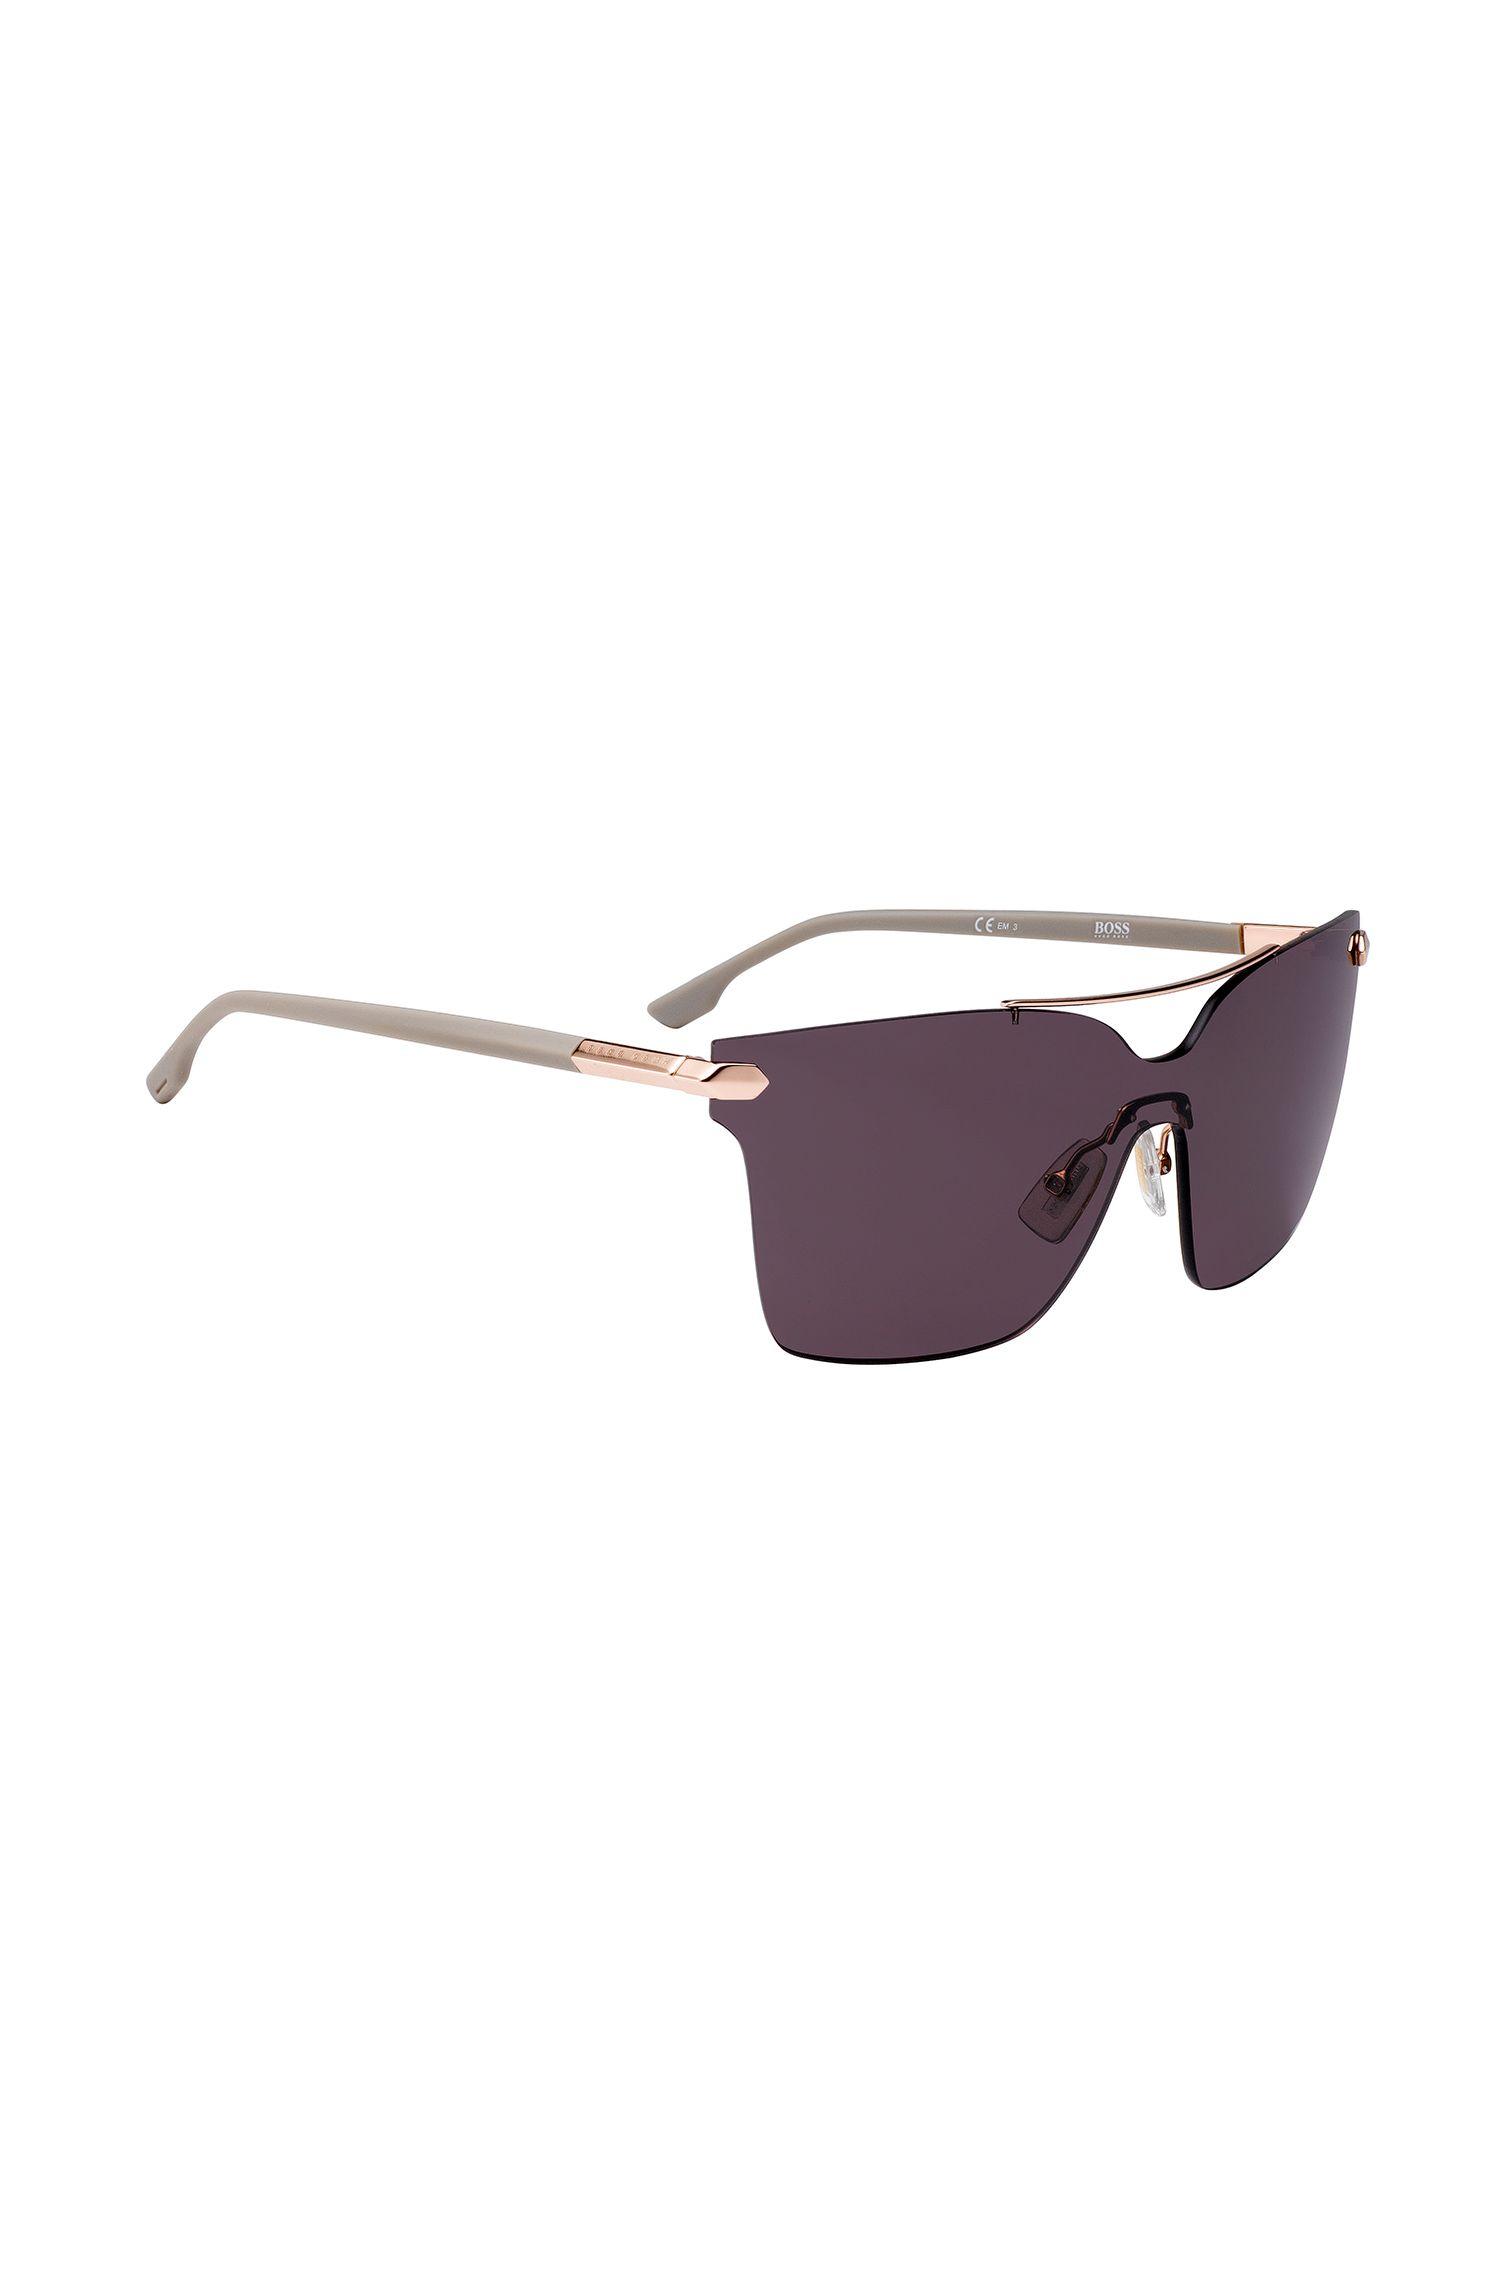 Gafas de sol panorámicas con remaches en las bisagras, Beige